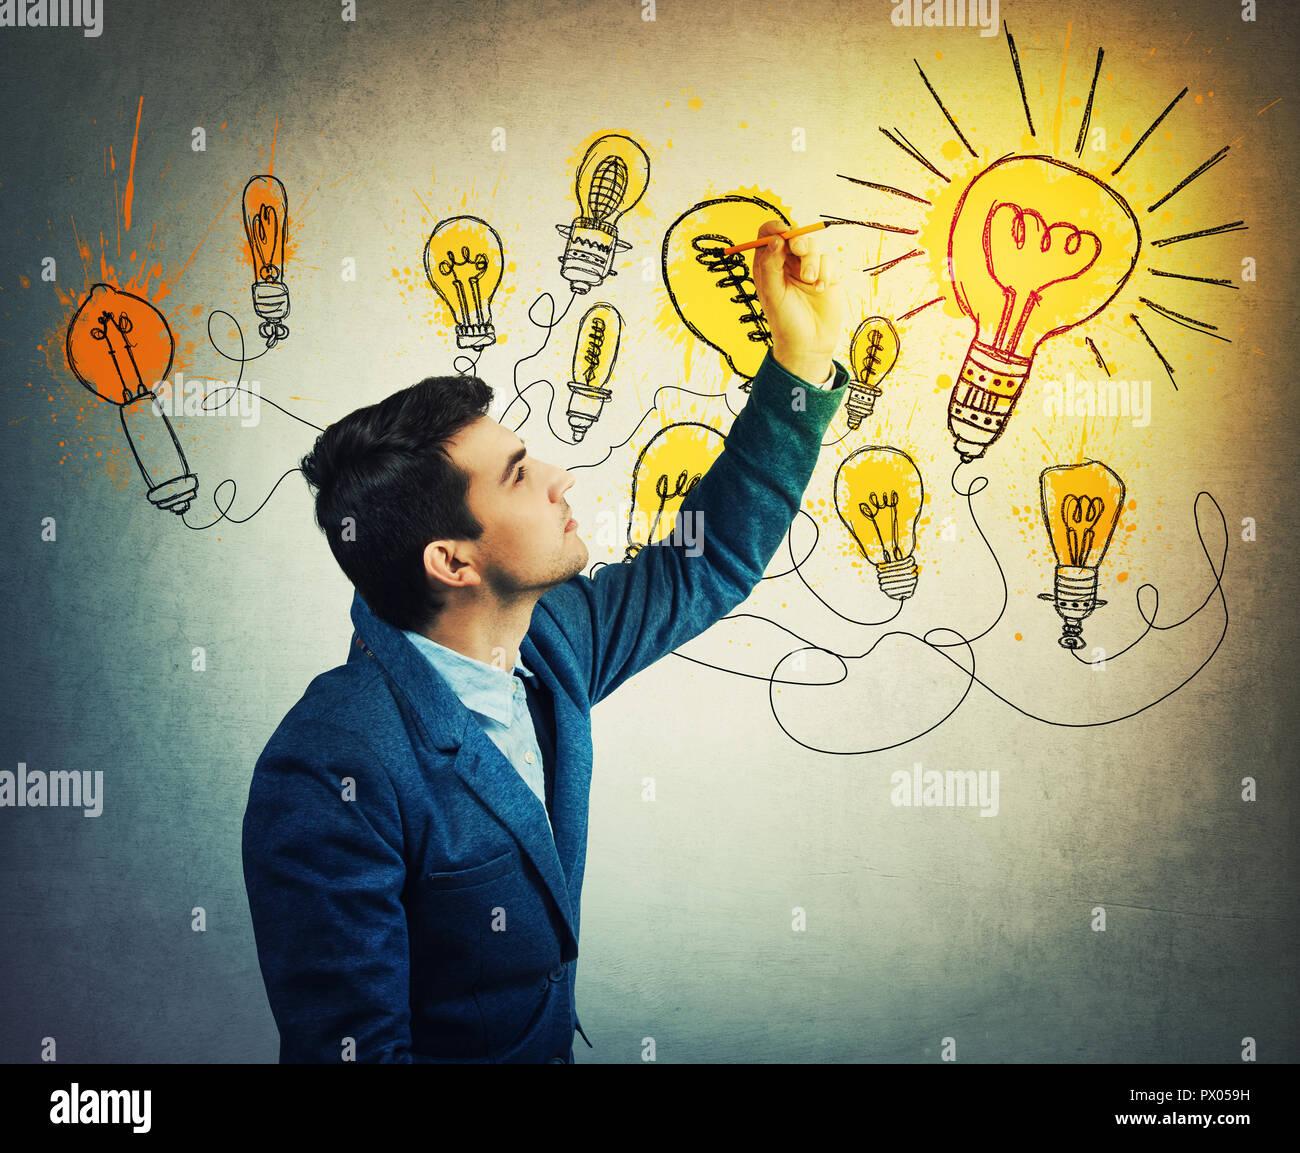 Homme d'imagination réfléchie dessin lumineux ampoules. La pensée d'affaires différents, genius concept de créativité, d'autres idée comme moyen de Photo Stock